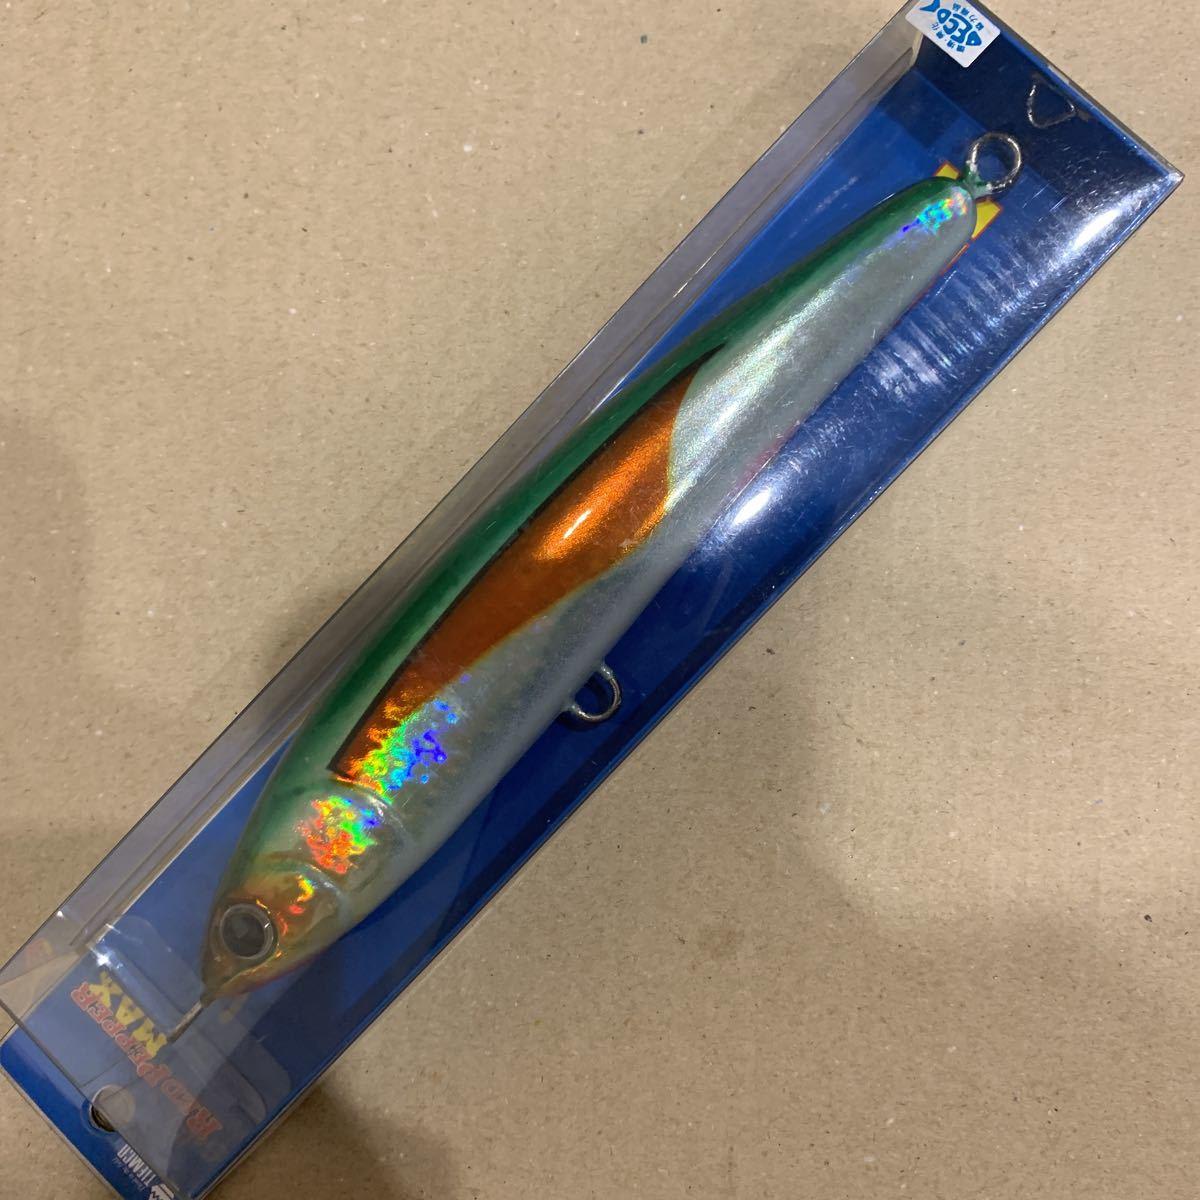 新品未使用 ティムコ ソルティ・レッドペッパー・マックス 180mm 60g 人気色 H8 ソルト ルアー 同梱可_画像1